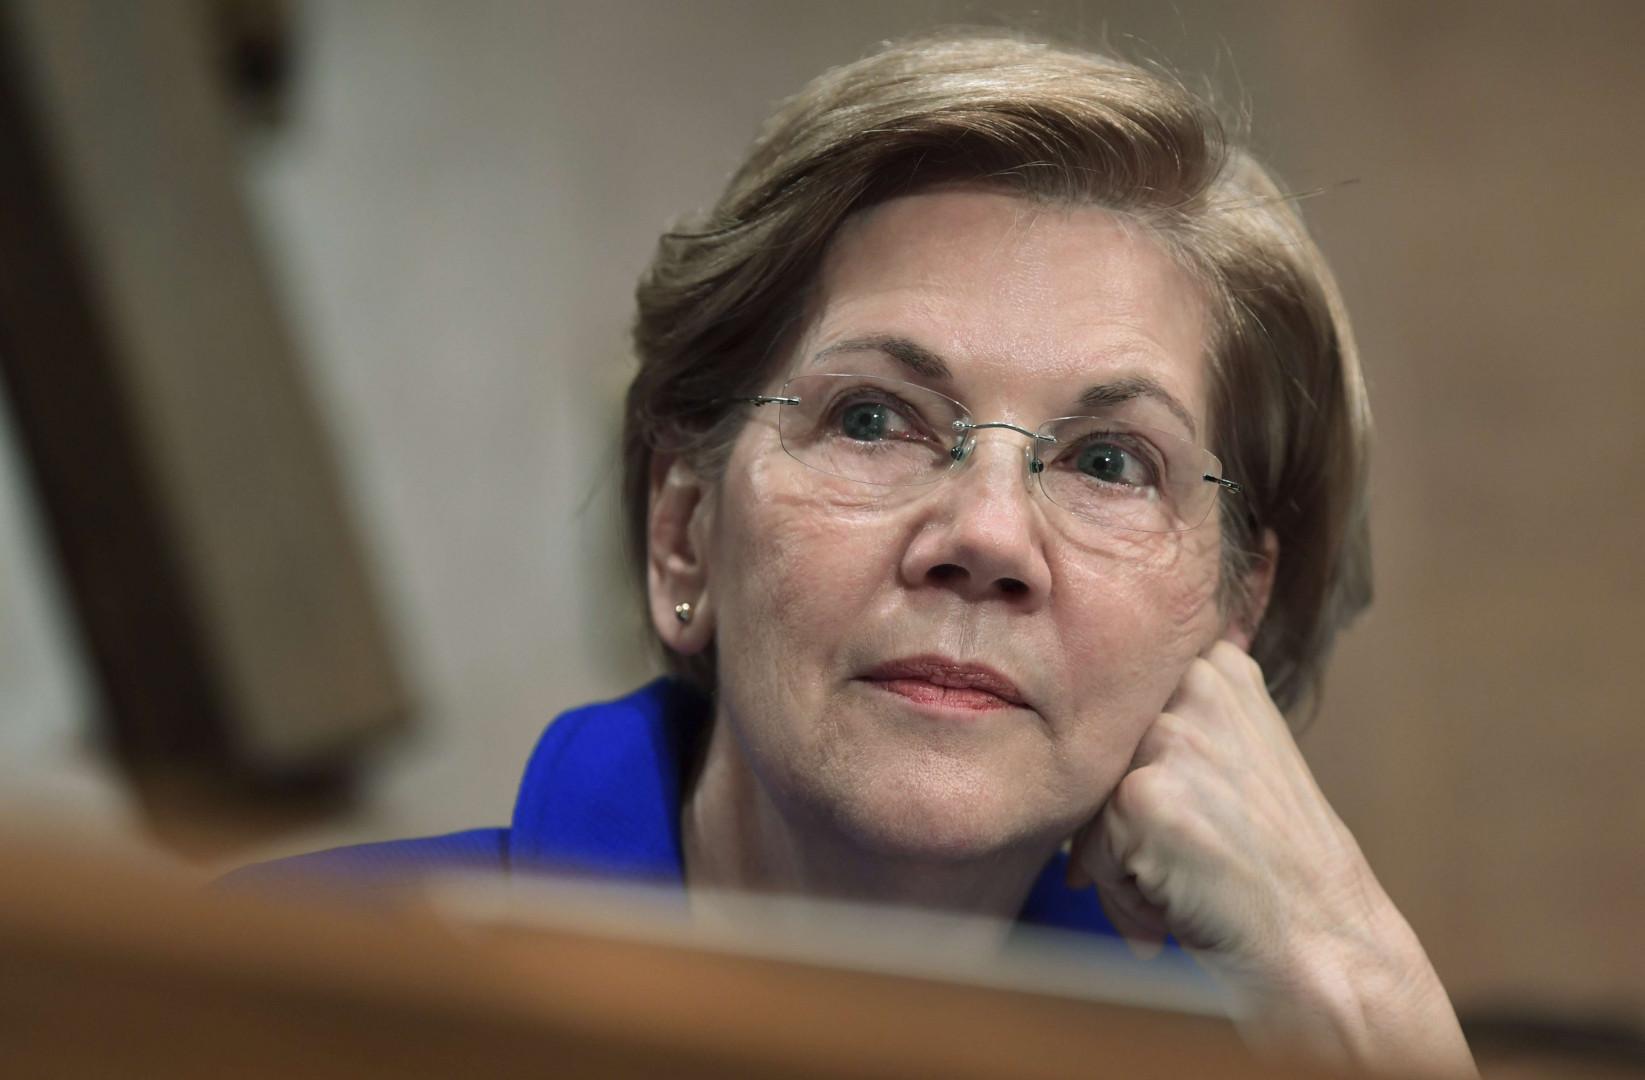 """Elizabeth Warren a protesté contre la nomination de Jeff Sessions au poste de Procureur général. """"Je ne resterai pas silencieuse"""" avait réagit Warren, largement soutenue sur les réseaux sociaux via le mouvement """"Néanmoins elle persista""""."""